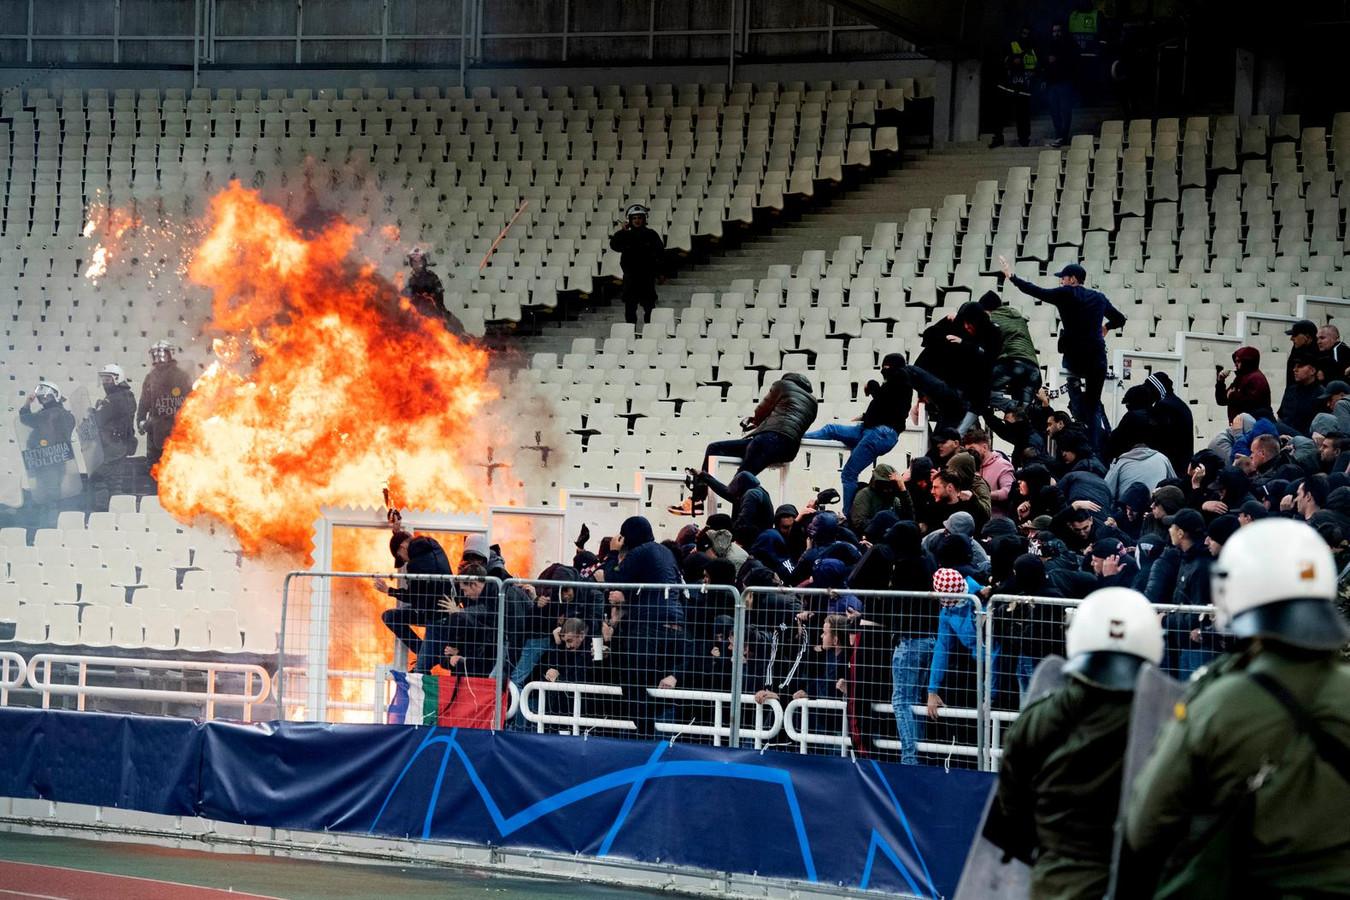 Voorafgaand aan de Champions Leaguewedstrijd van AEK Athene en Ajax waren er rellen op de tribune tussen fans van beide teams. Er werd ook een molotovcocktail naar de Ajax-fans gegooid.